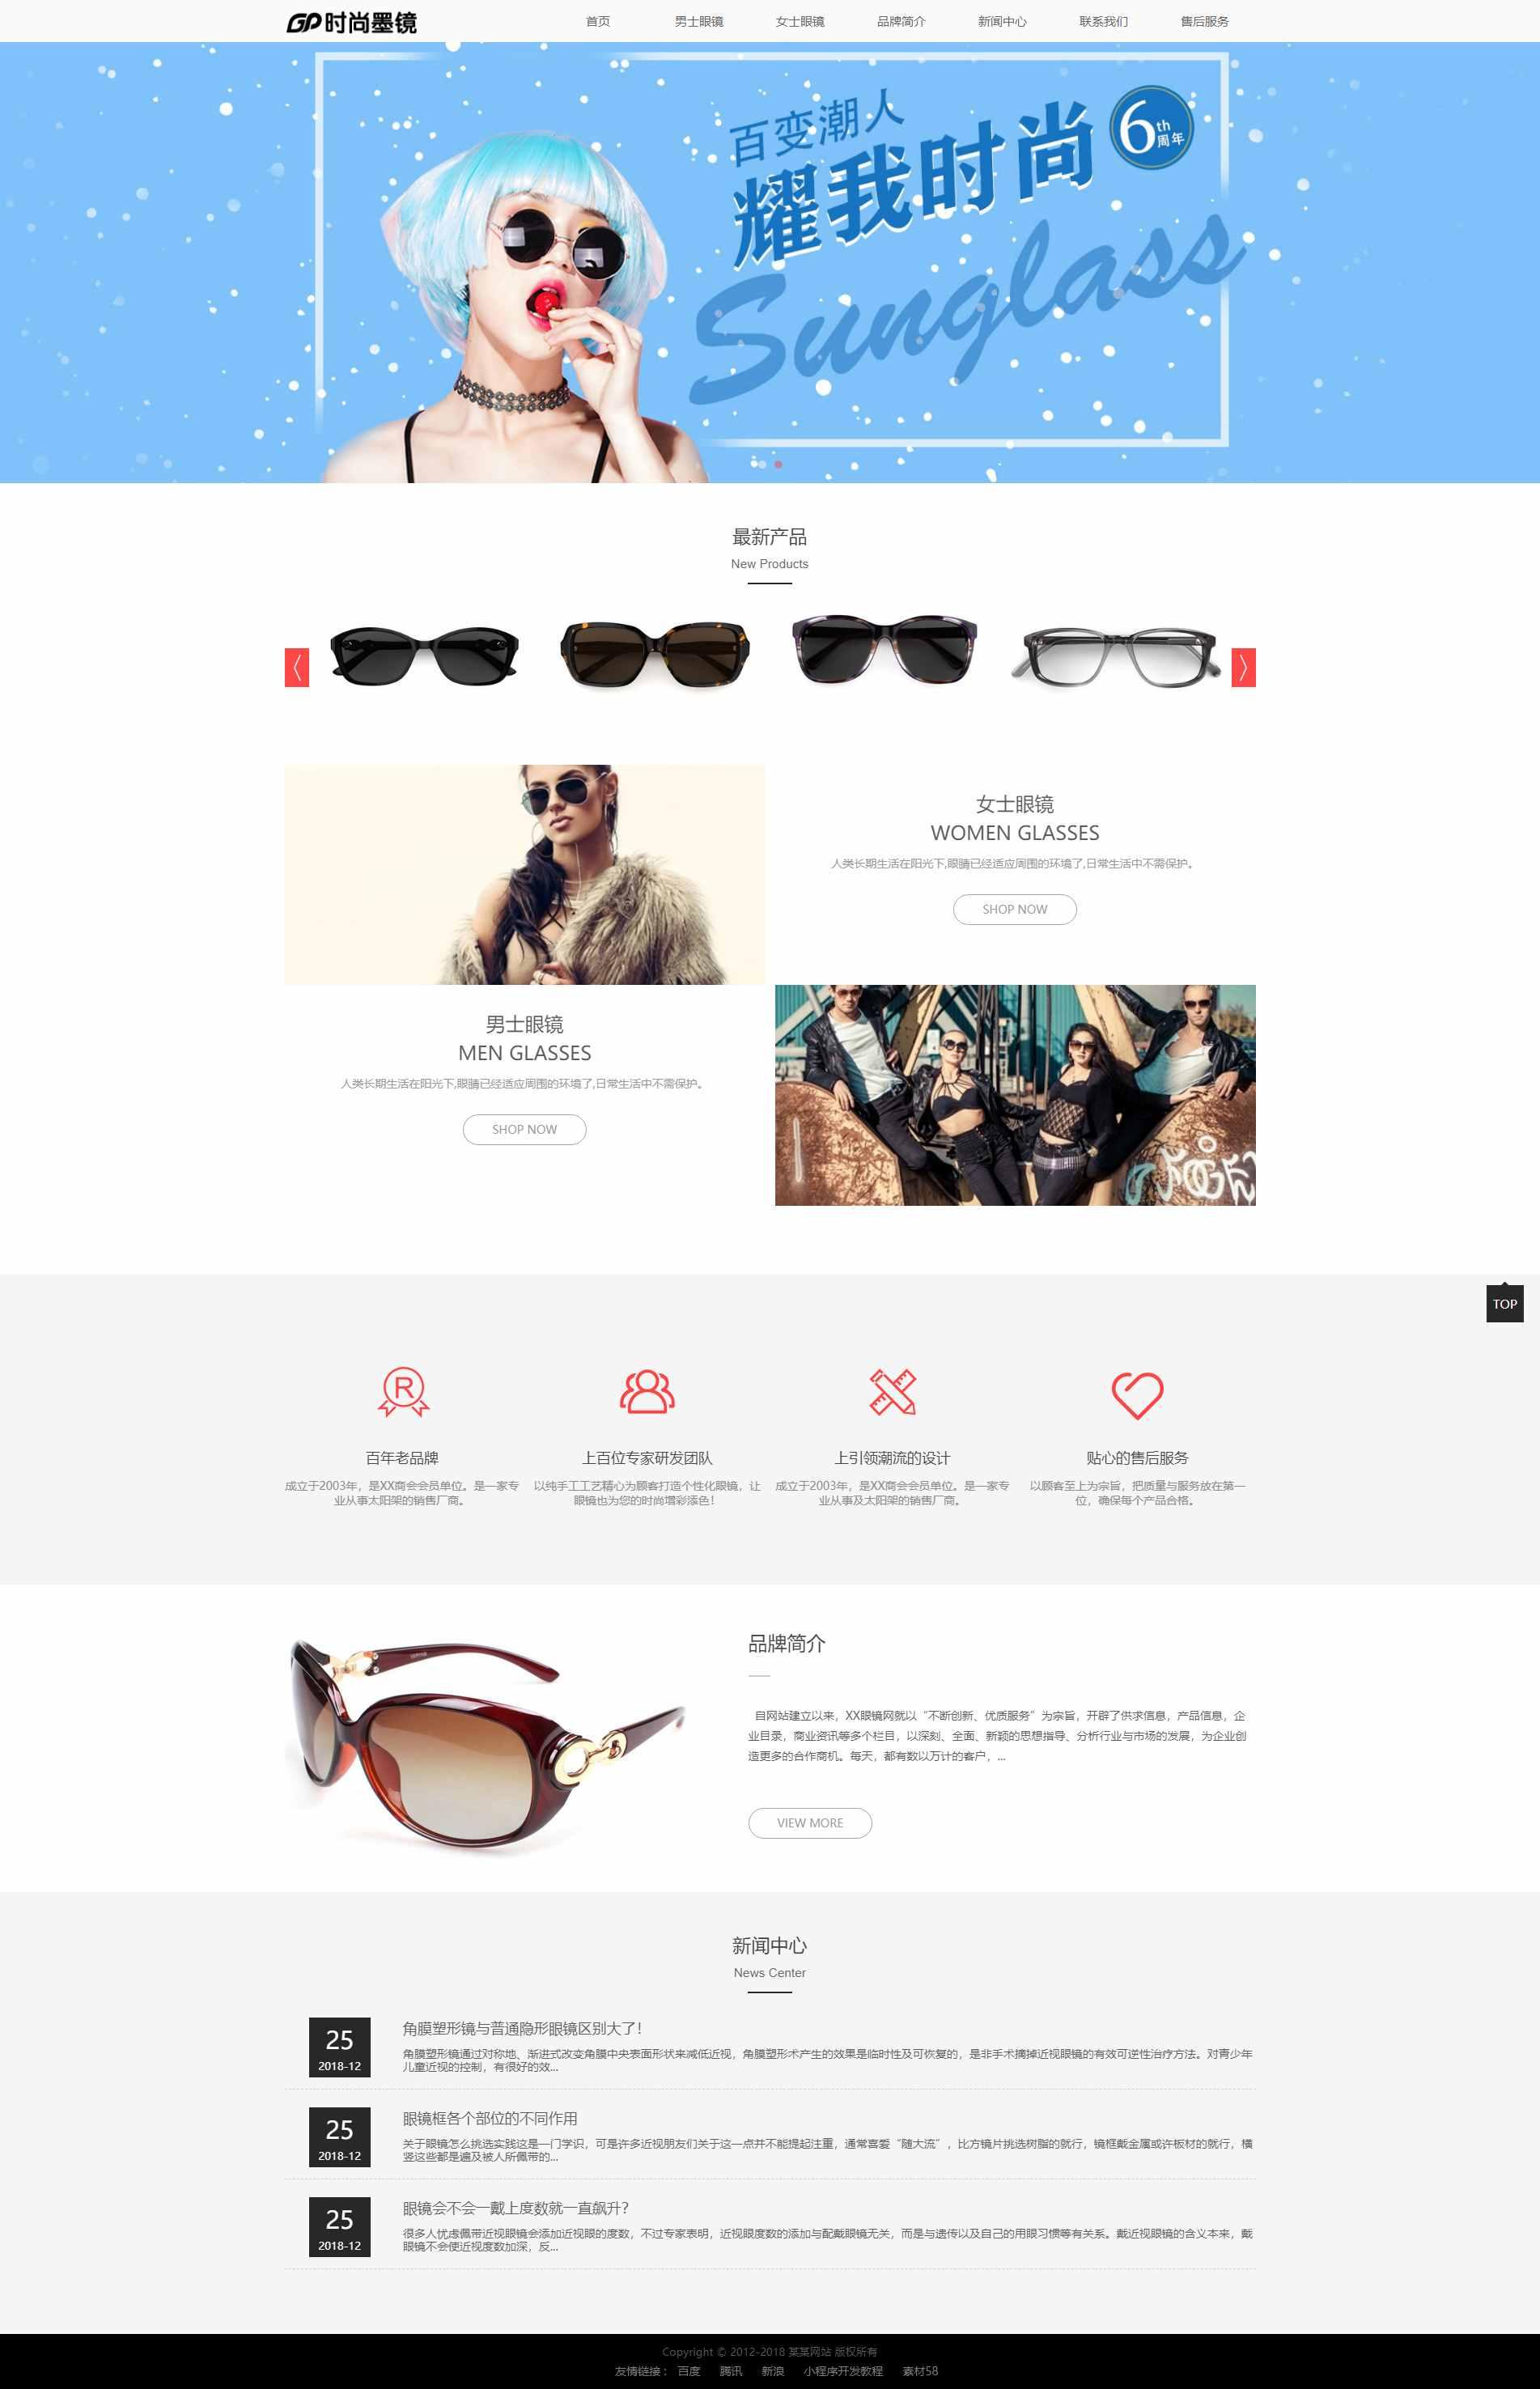 易优CMSH5响应式珠宝饰品公司网站模板源码 第1张